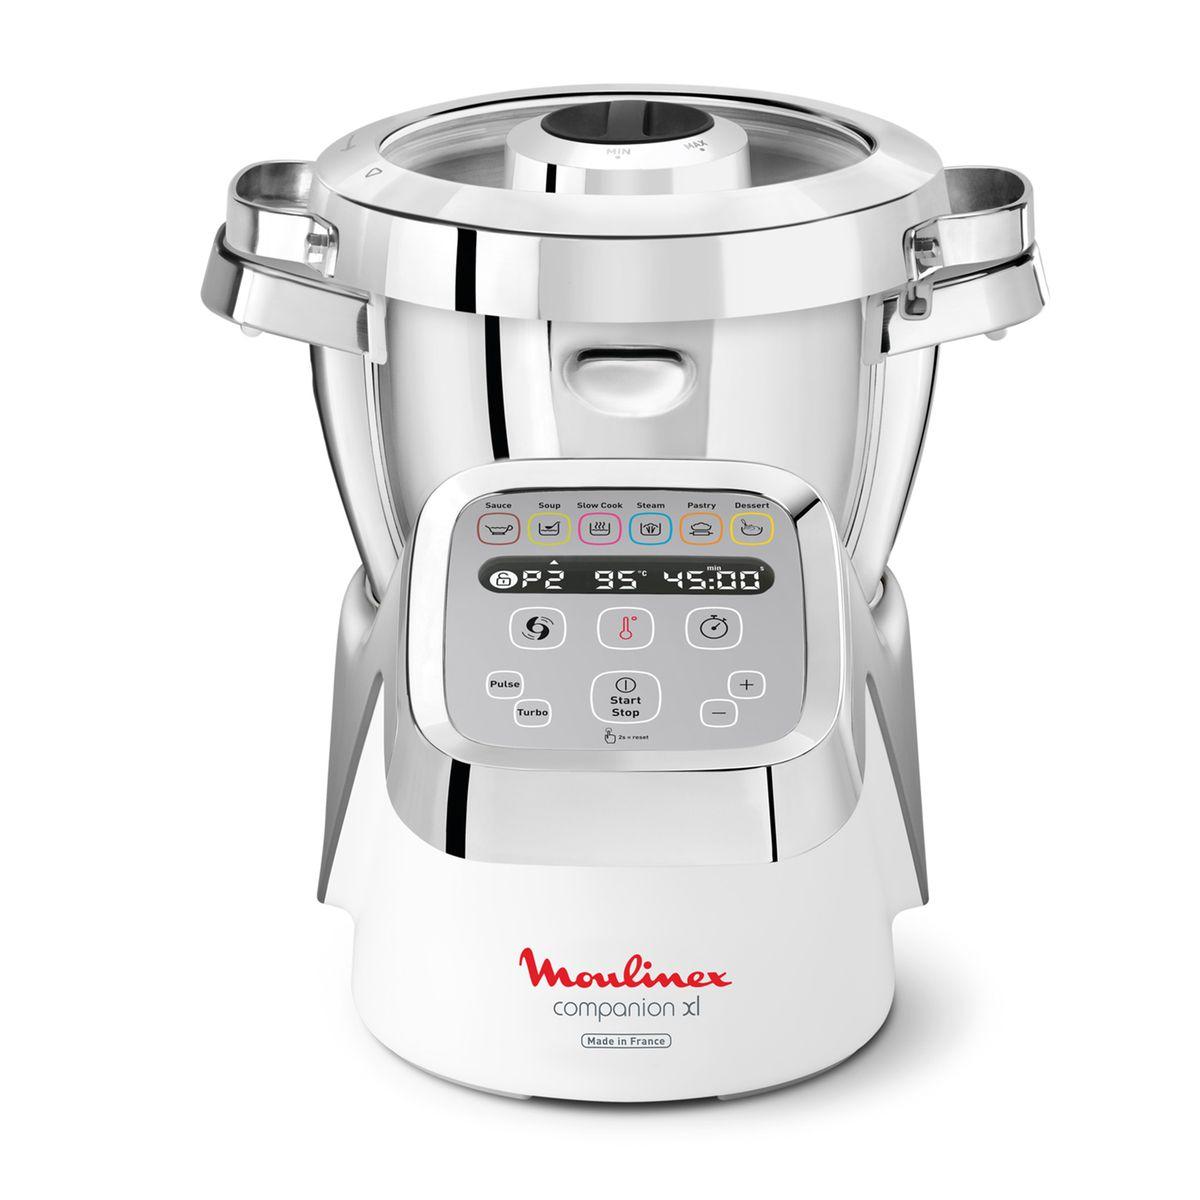 Robot cuiseur Companion XL 2 accessoires YY3979FG + coupe legumes